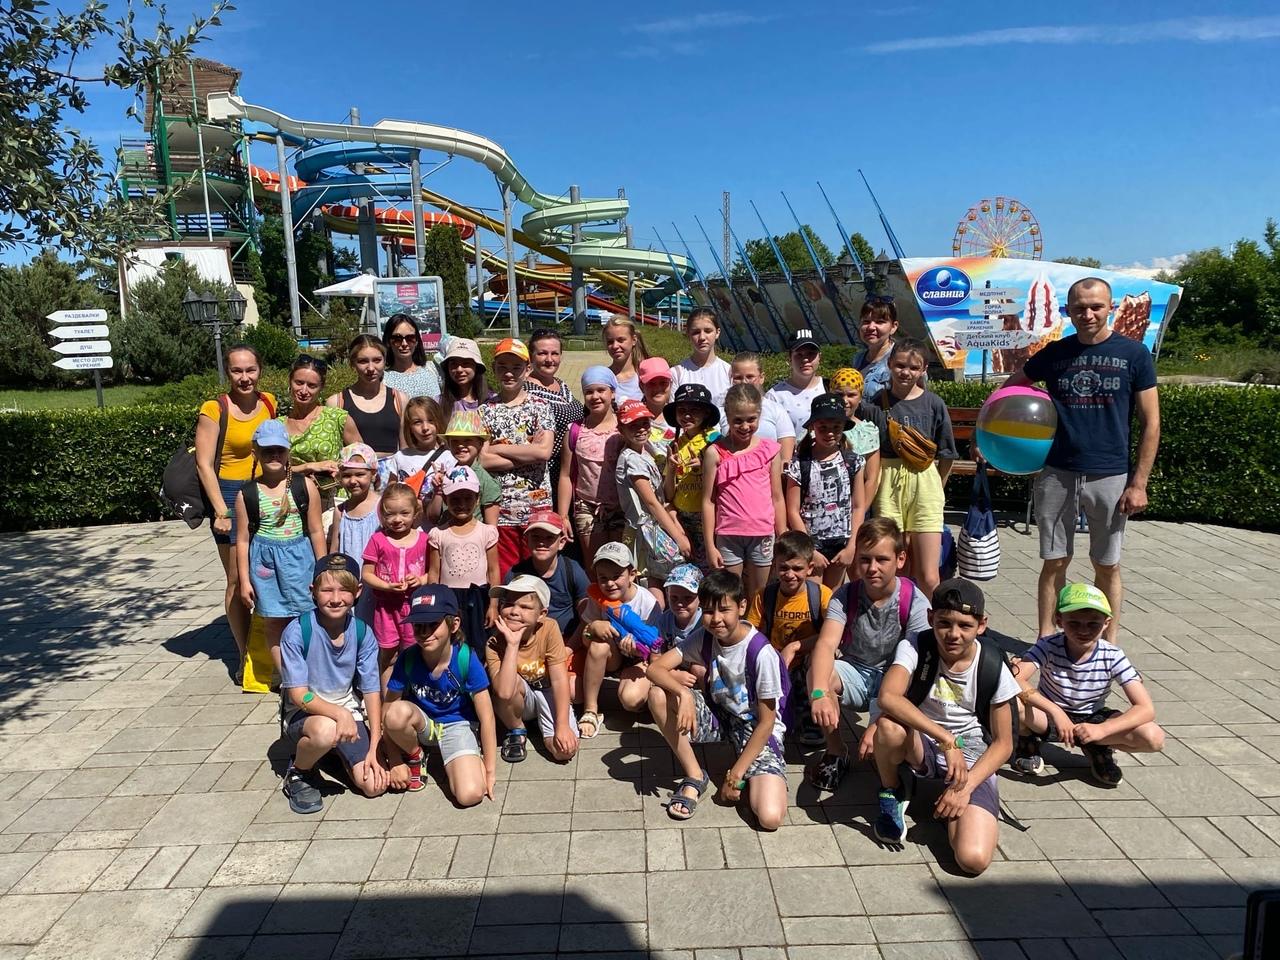 Аквапарк «Зурбаган» в очередной раз дарит радость детям